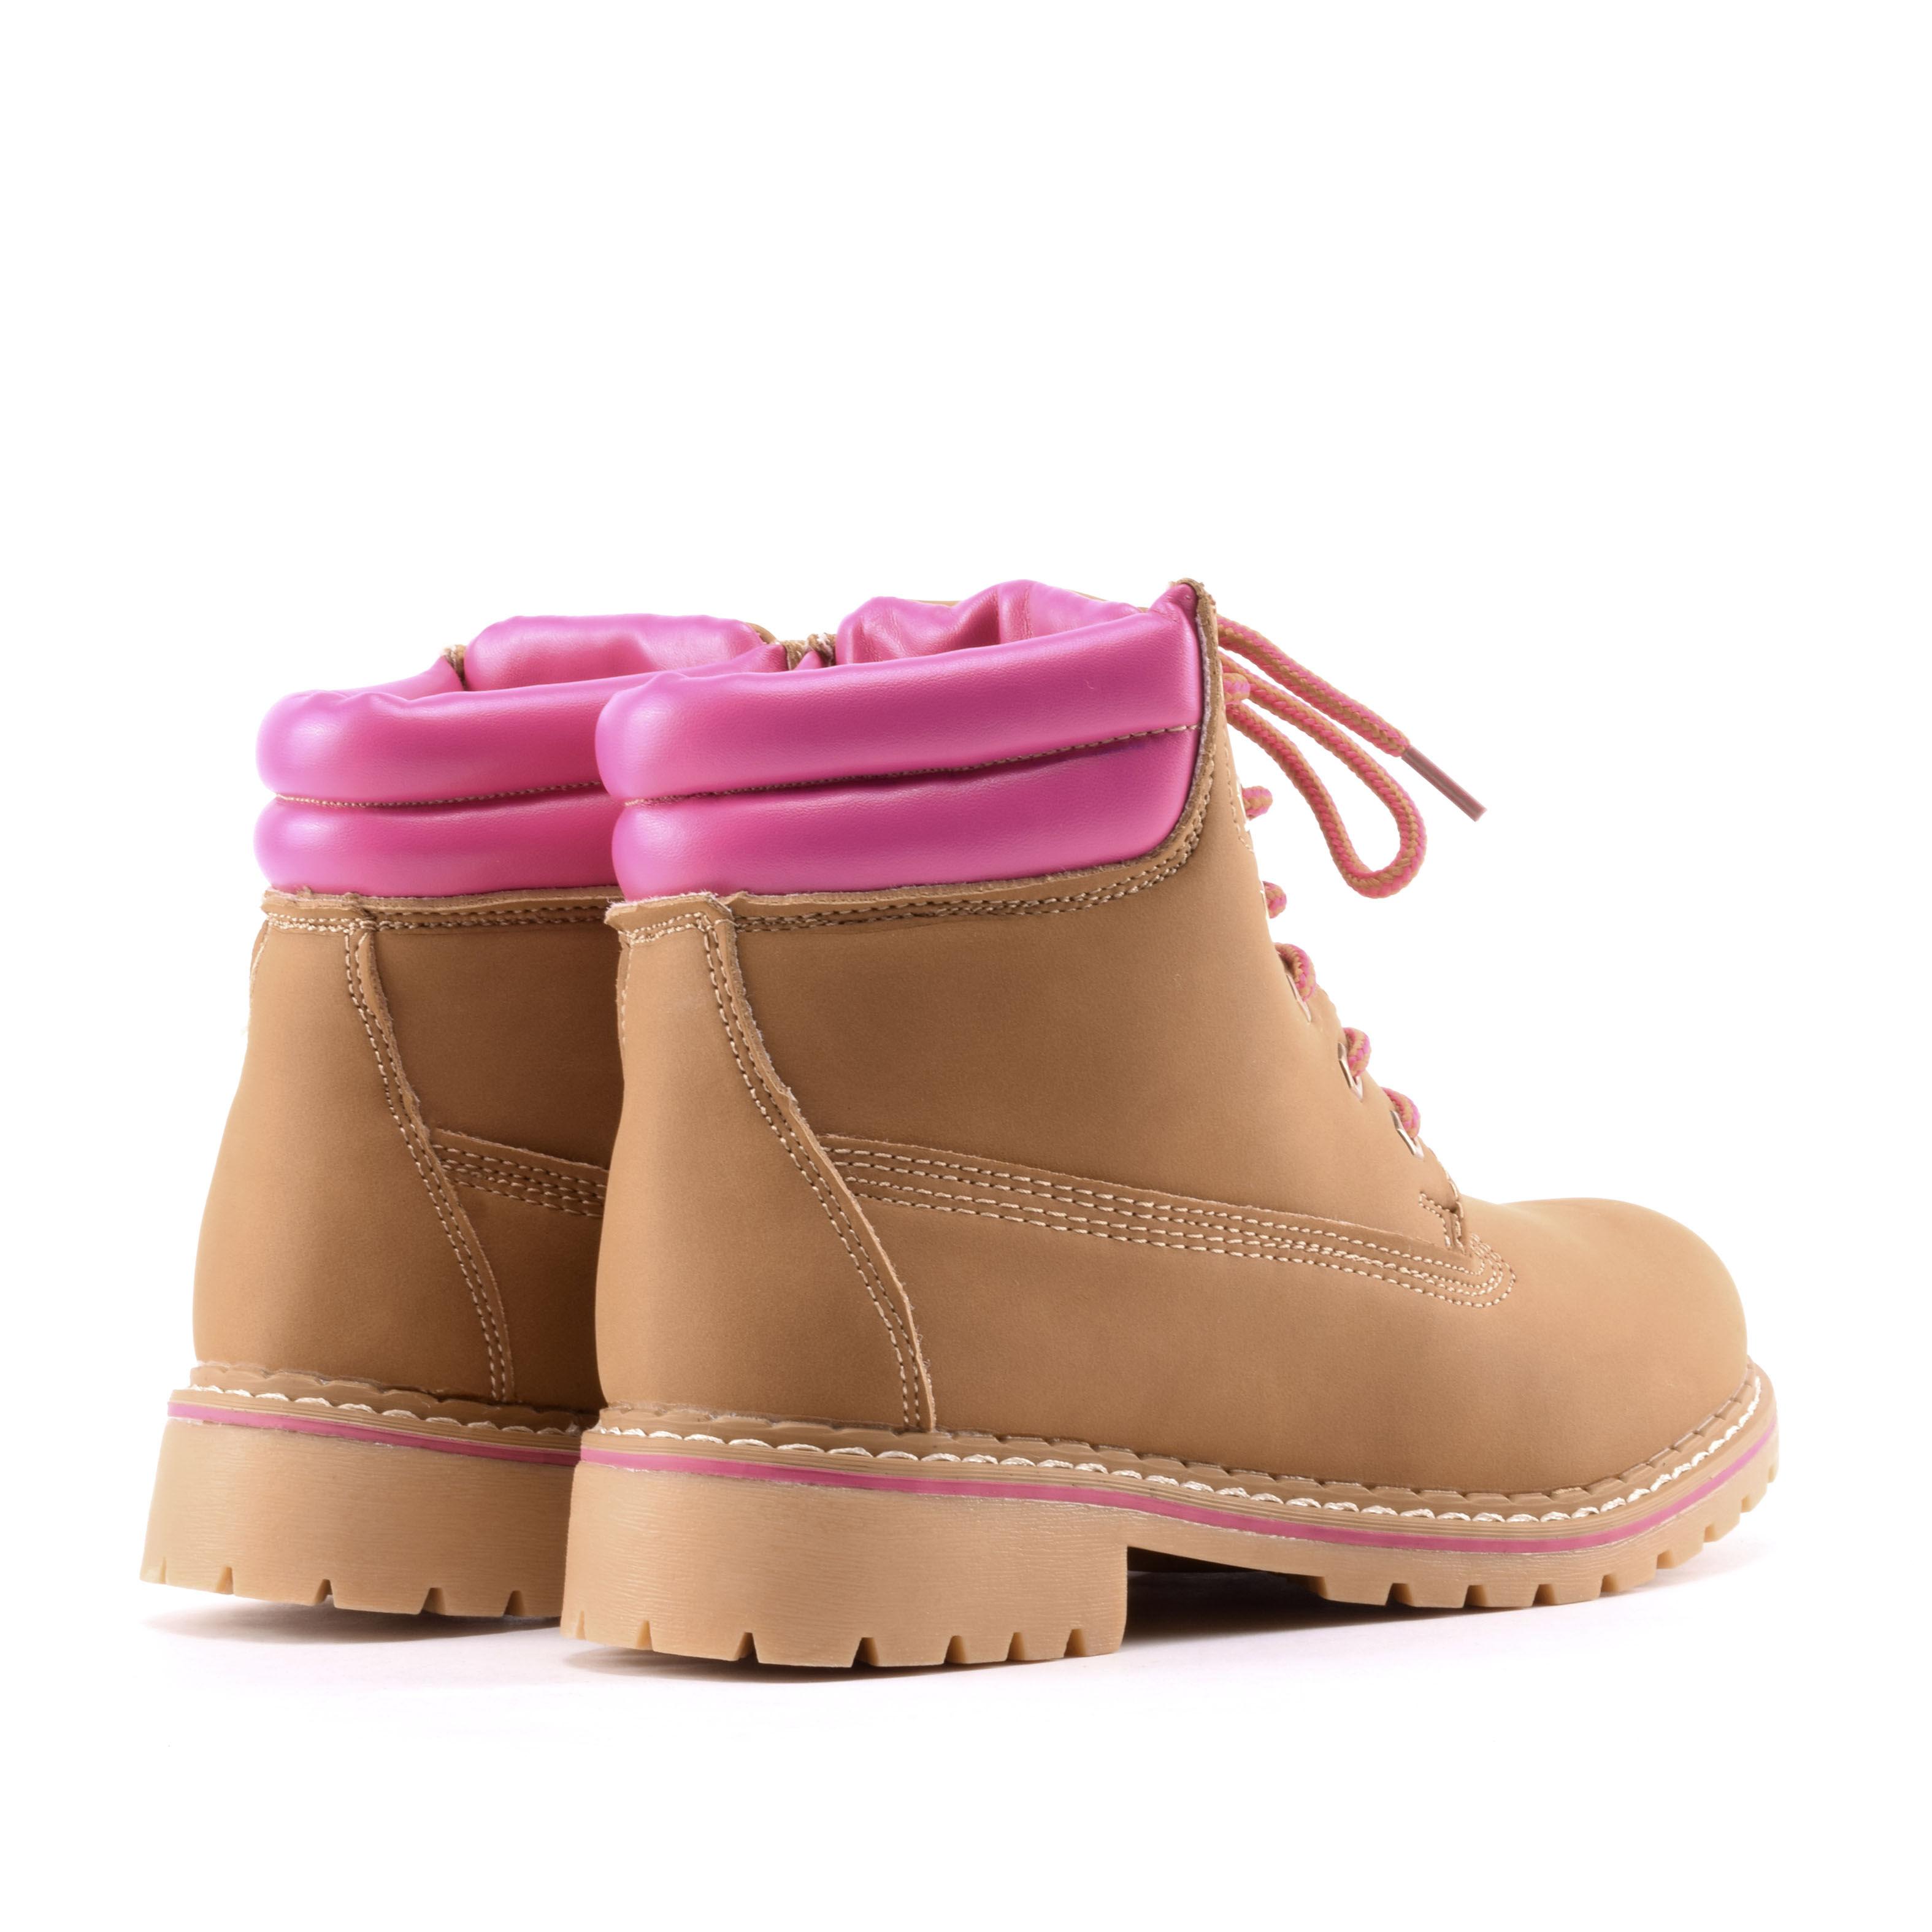 Mustár színű női műbőr bakancs - BAKANCSOK - Női cipő webáruház-női ... f4fcc81707